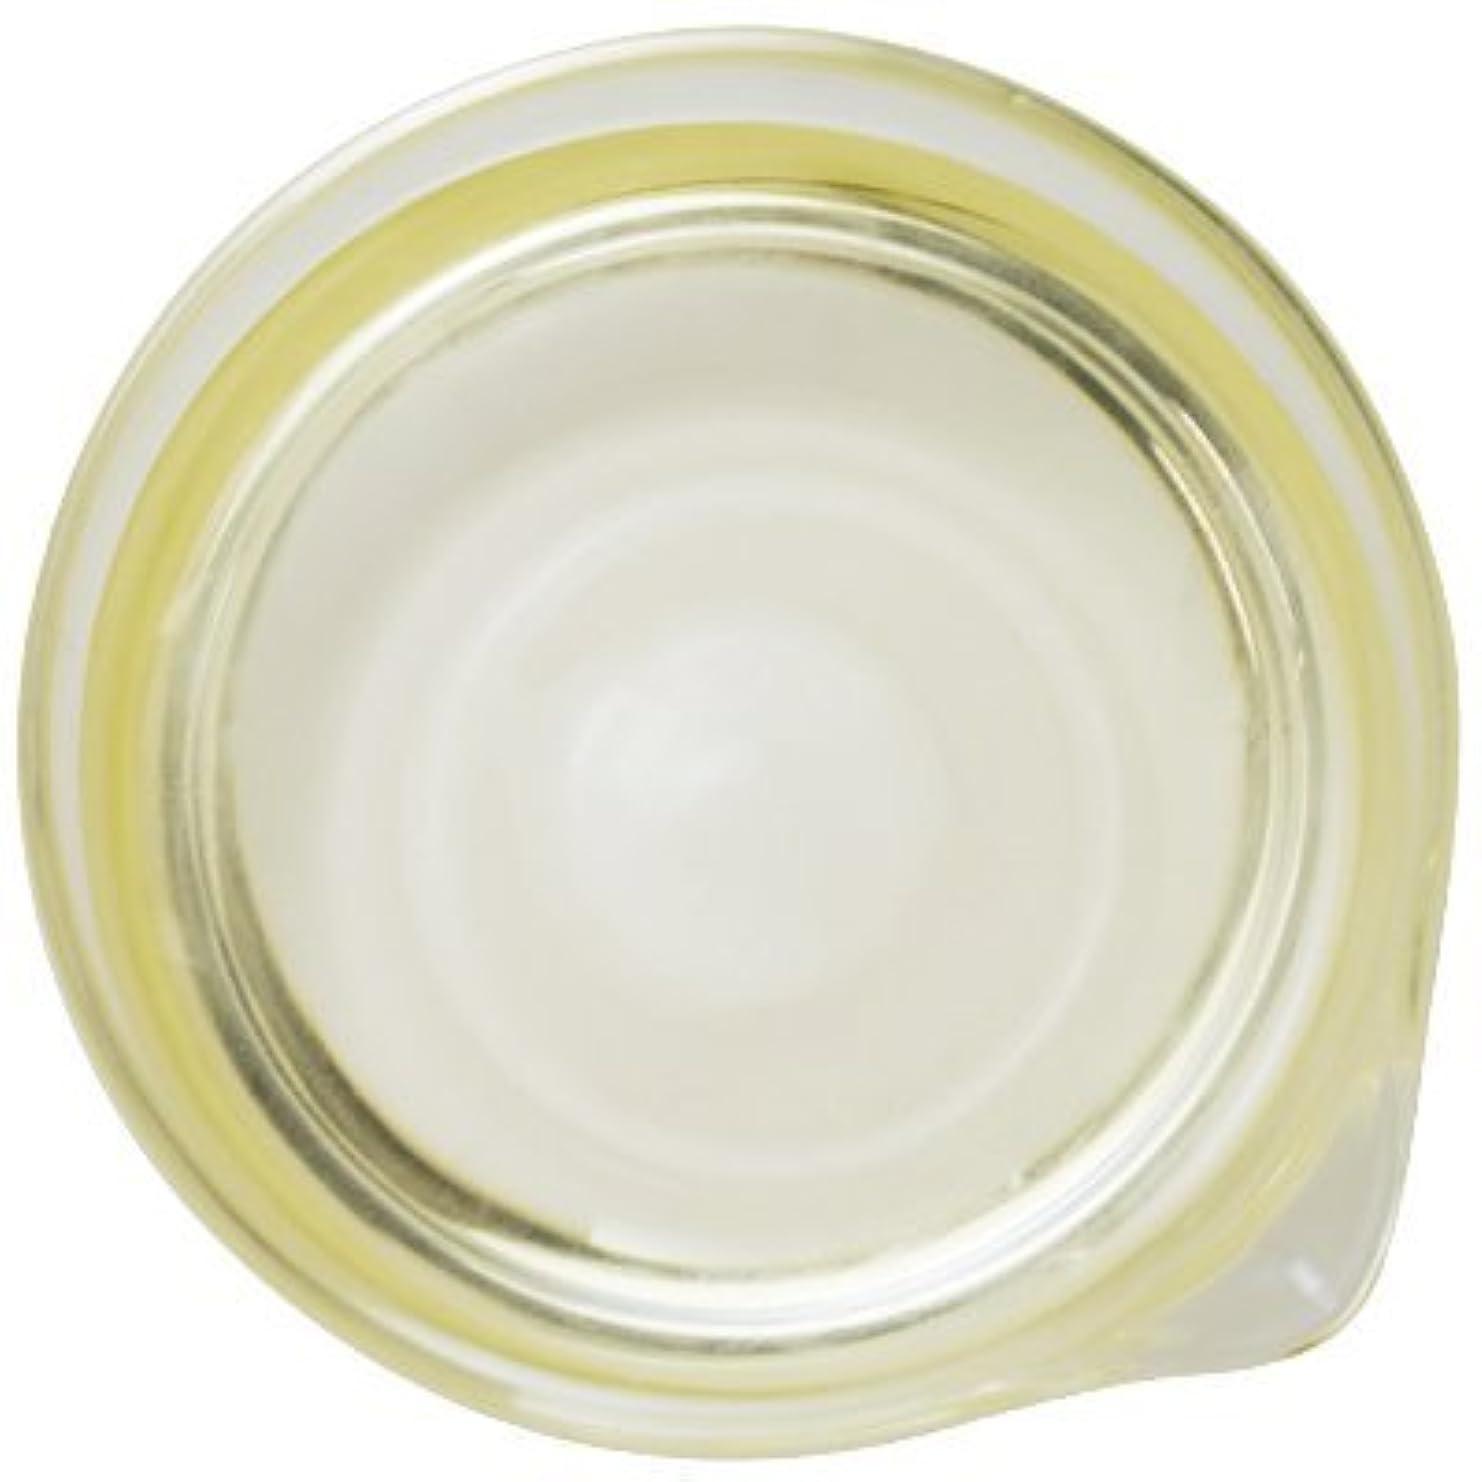 アーサー衣類生物学セサミオイル 100ml [白ごま油]【手作り石鹸/手作りコスメ/ごま油】【birth】